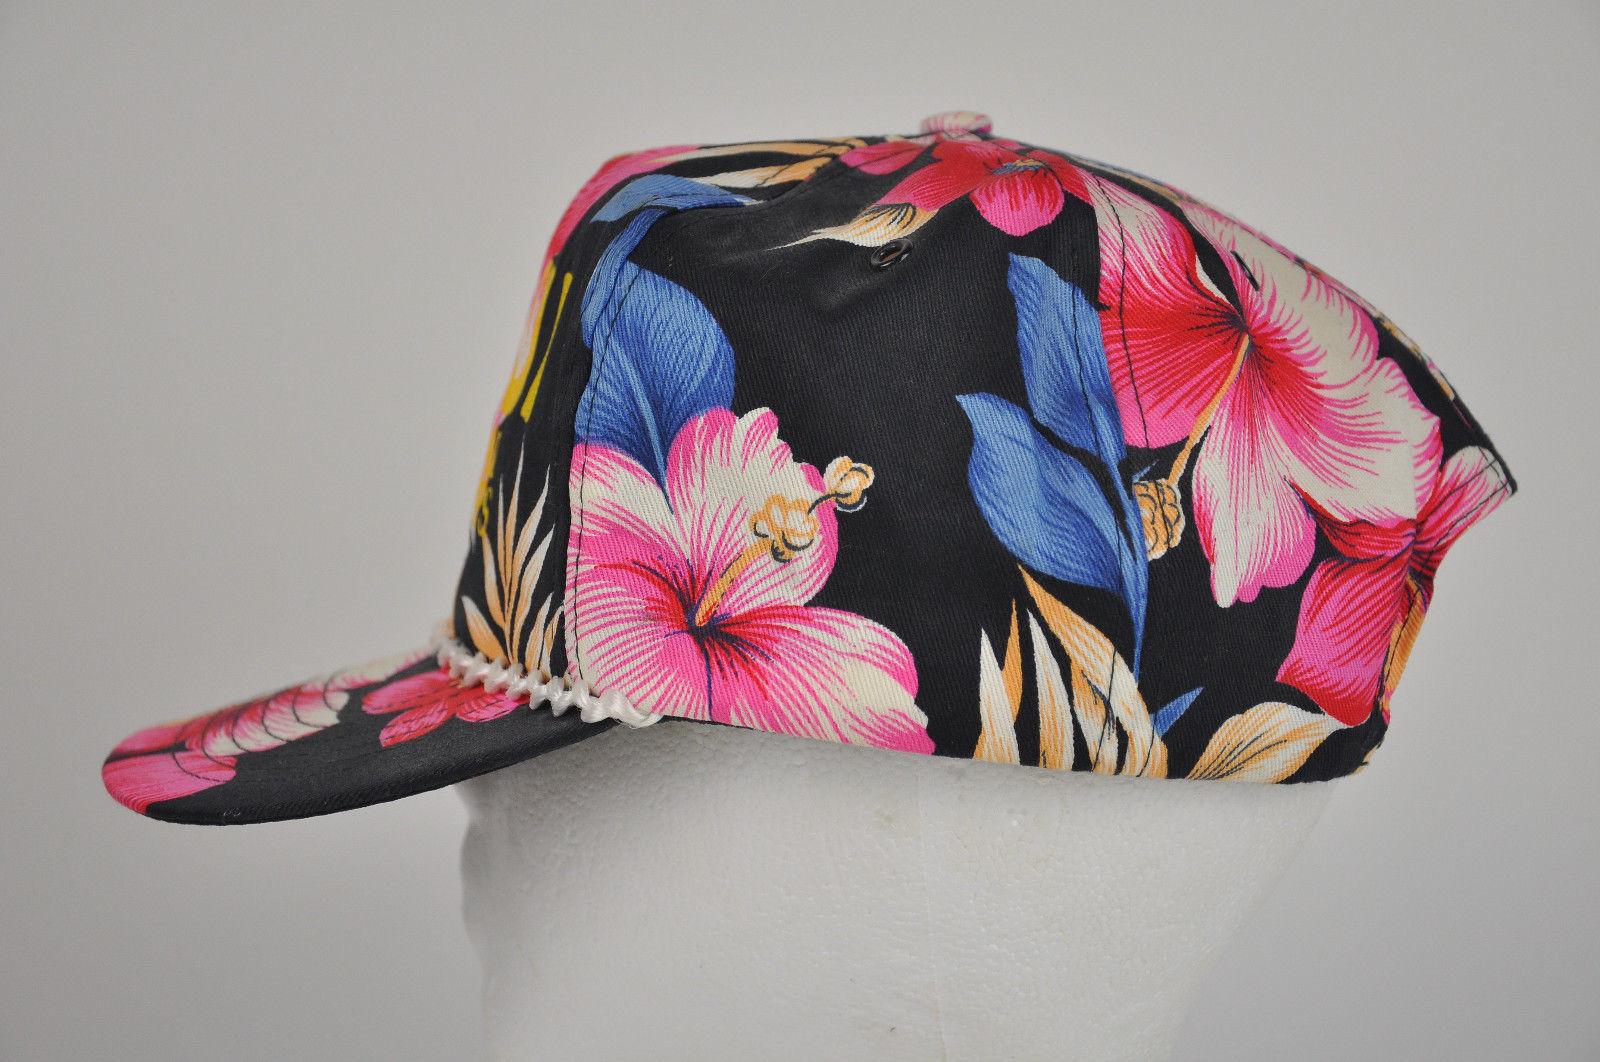 Vtg MAUI Tropical SCHNAPPS Hibiscus BLACK Pink FLORAL Cap Hat SNAPBACK  Hawaiian 4ad6e65aa21d